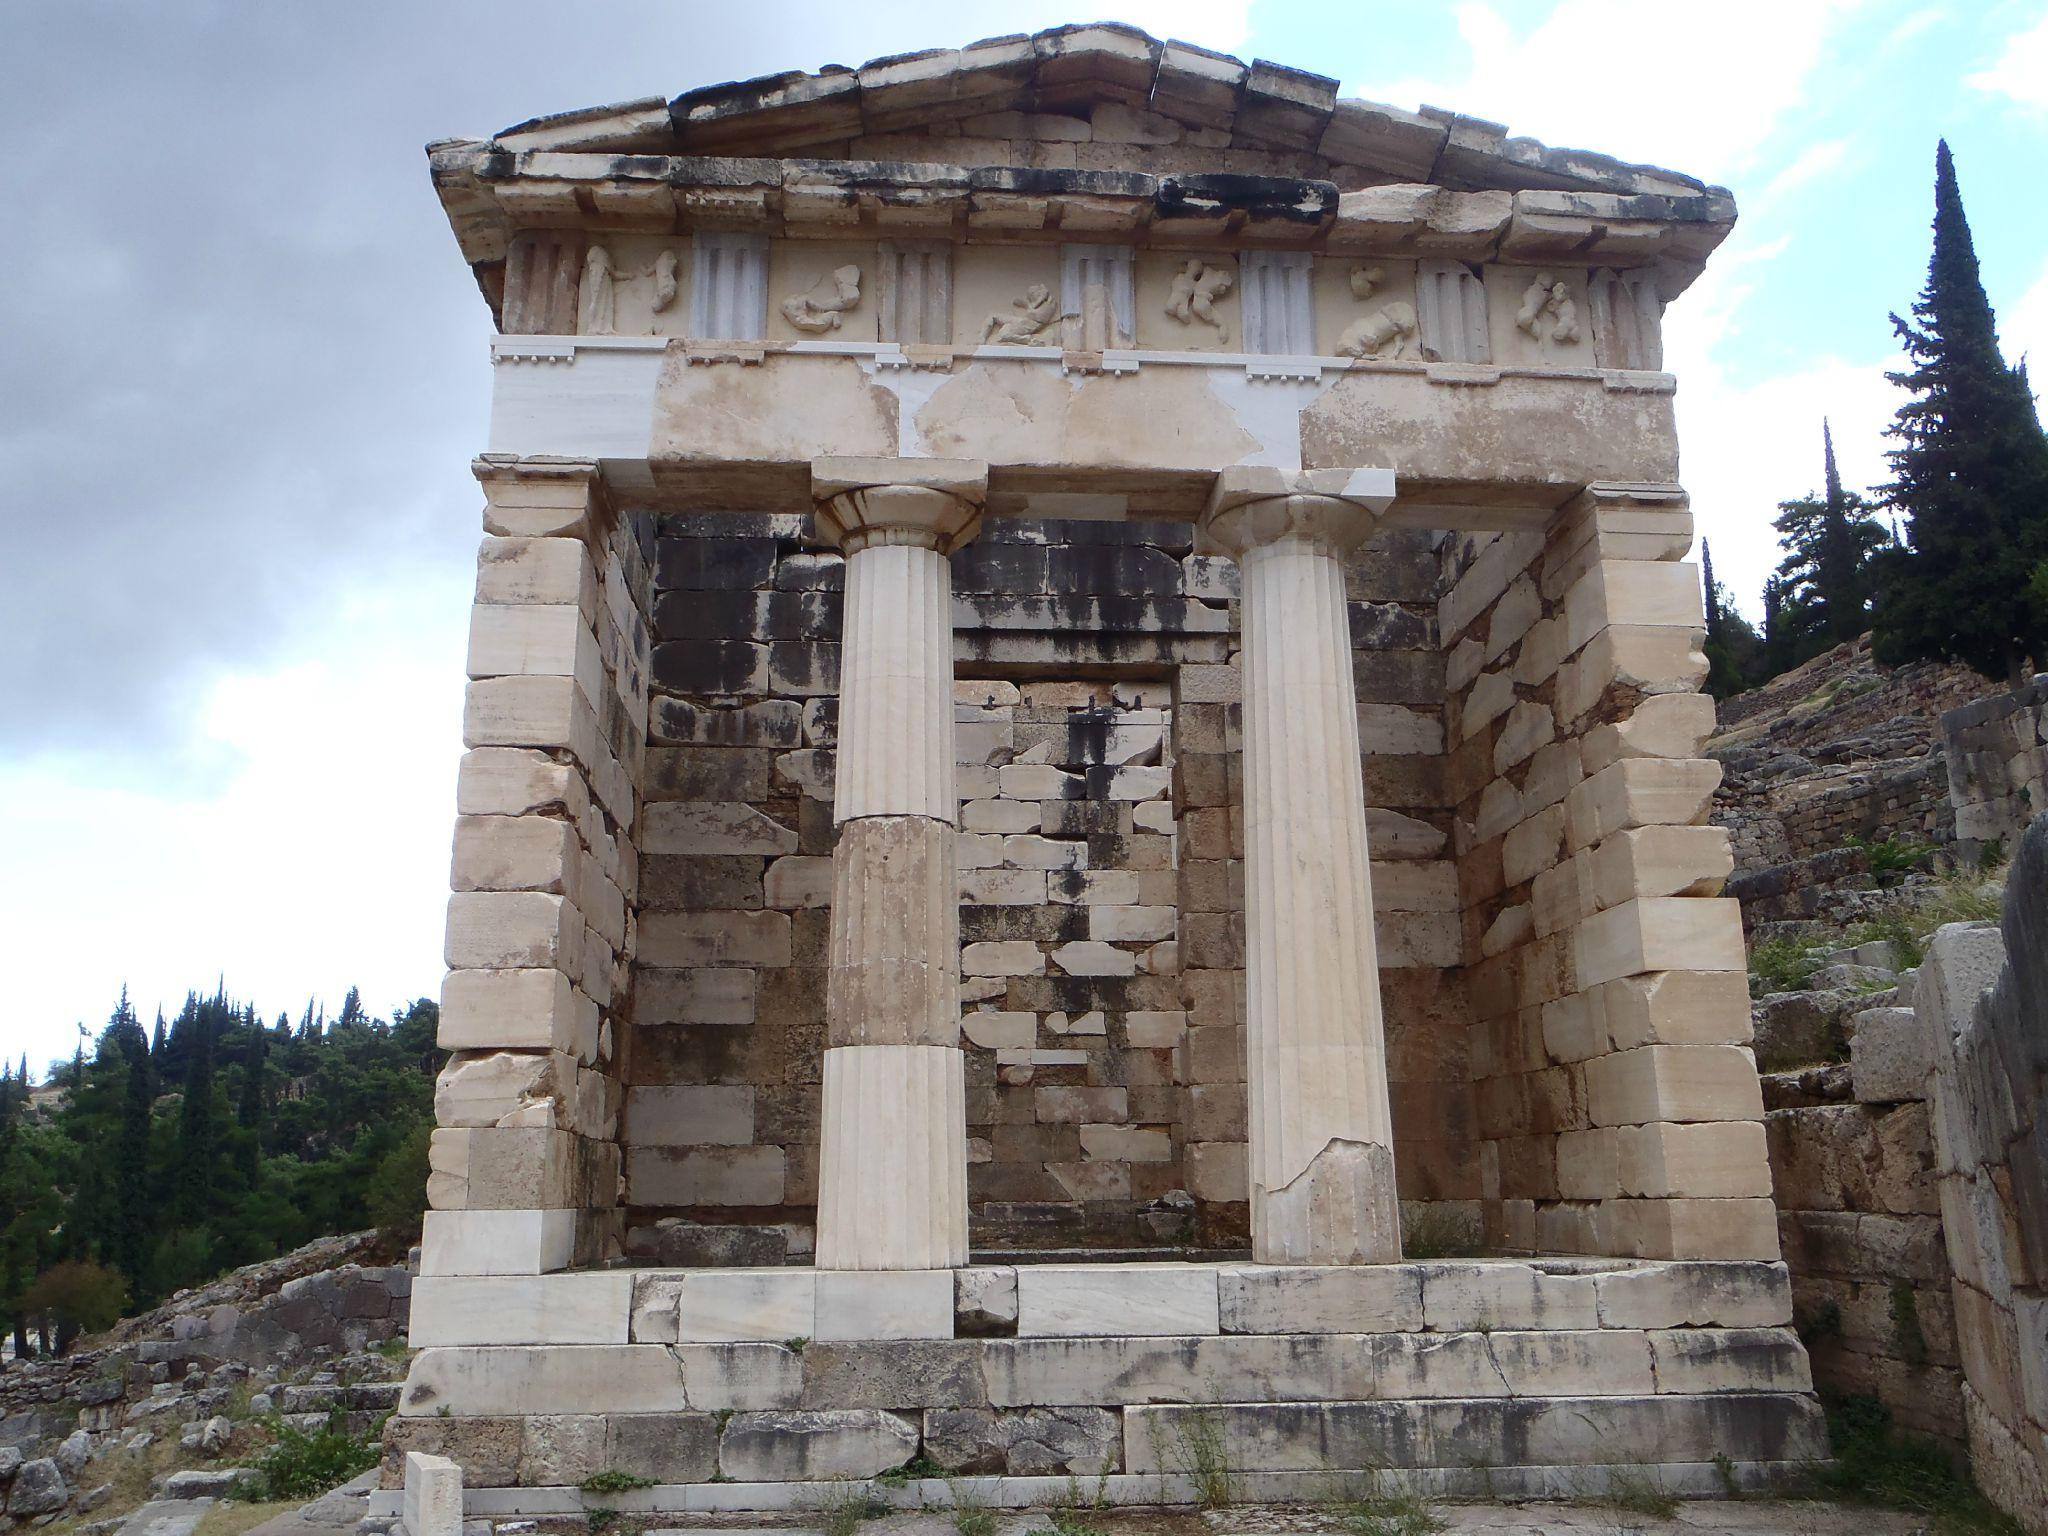 grèce delphes temple d'athenes